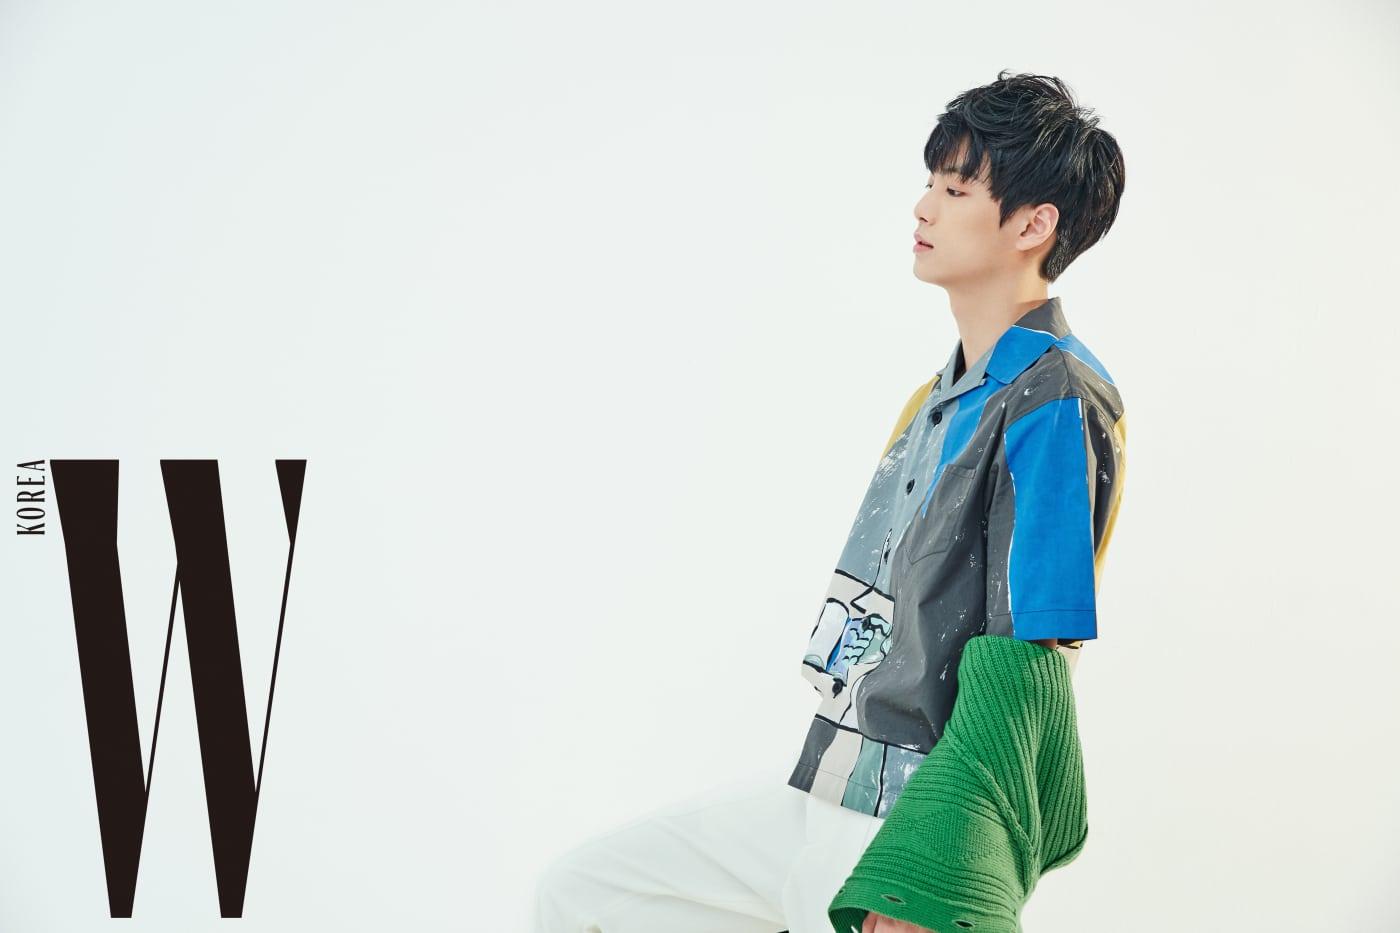 JR이 입은 녹색 니트 카디건과 아트 프린팅 셔츠는 프라다, 흰색 팬츠는 보테가 베네타 제품